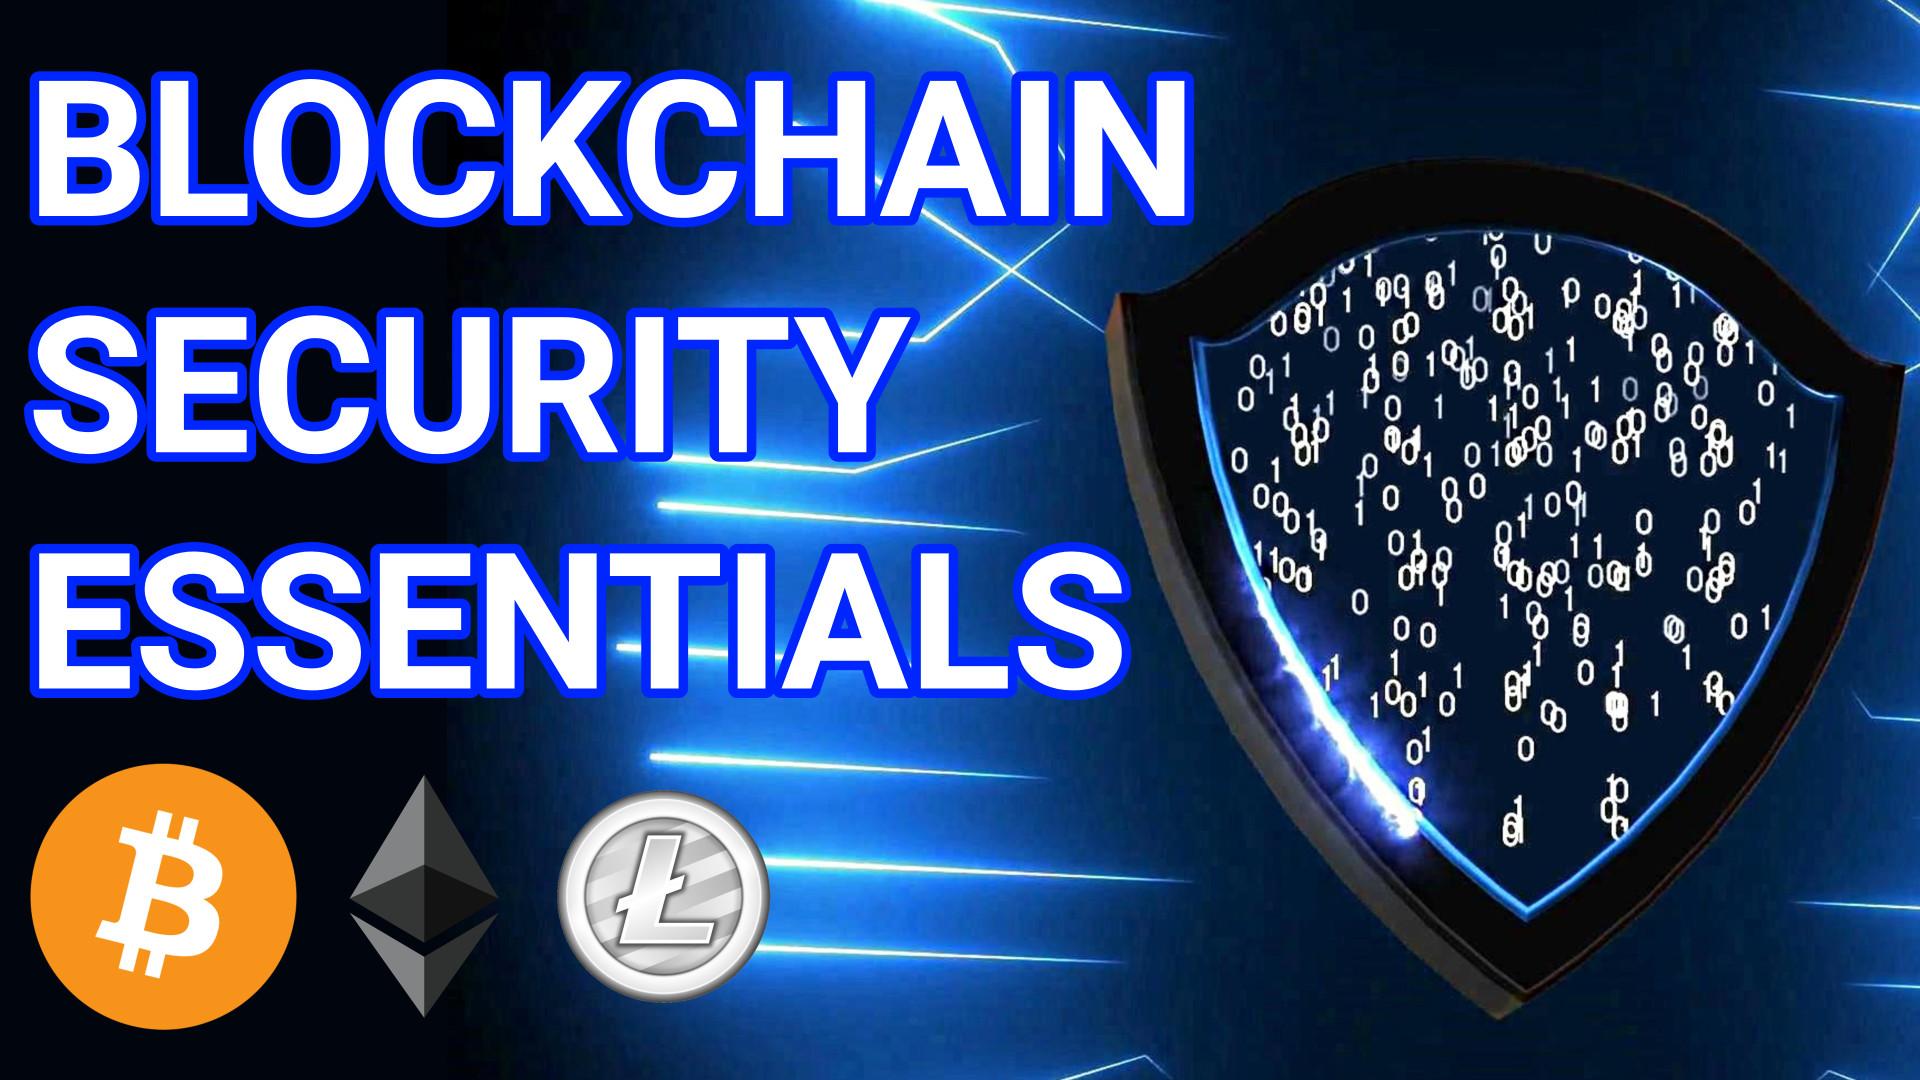 blockchain security essentials